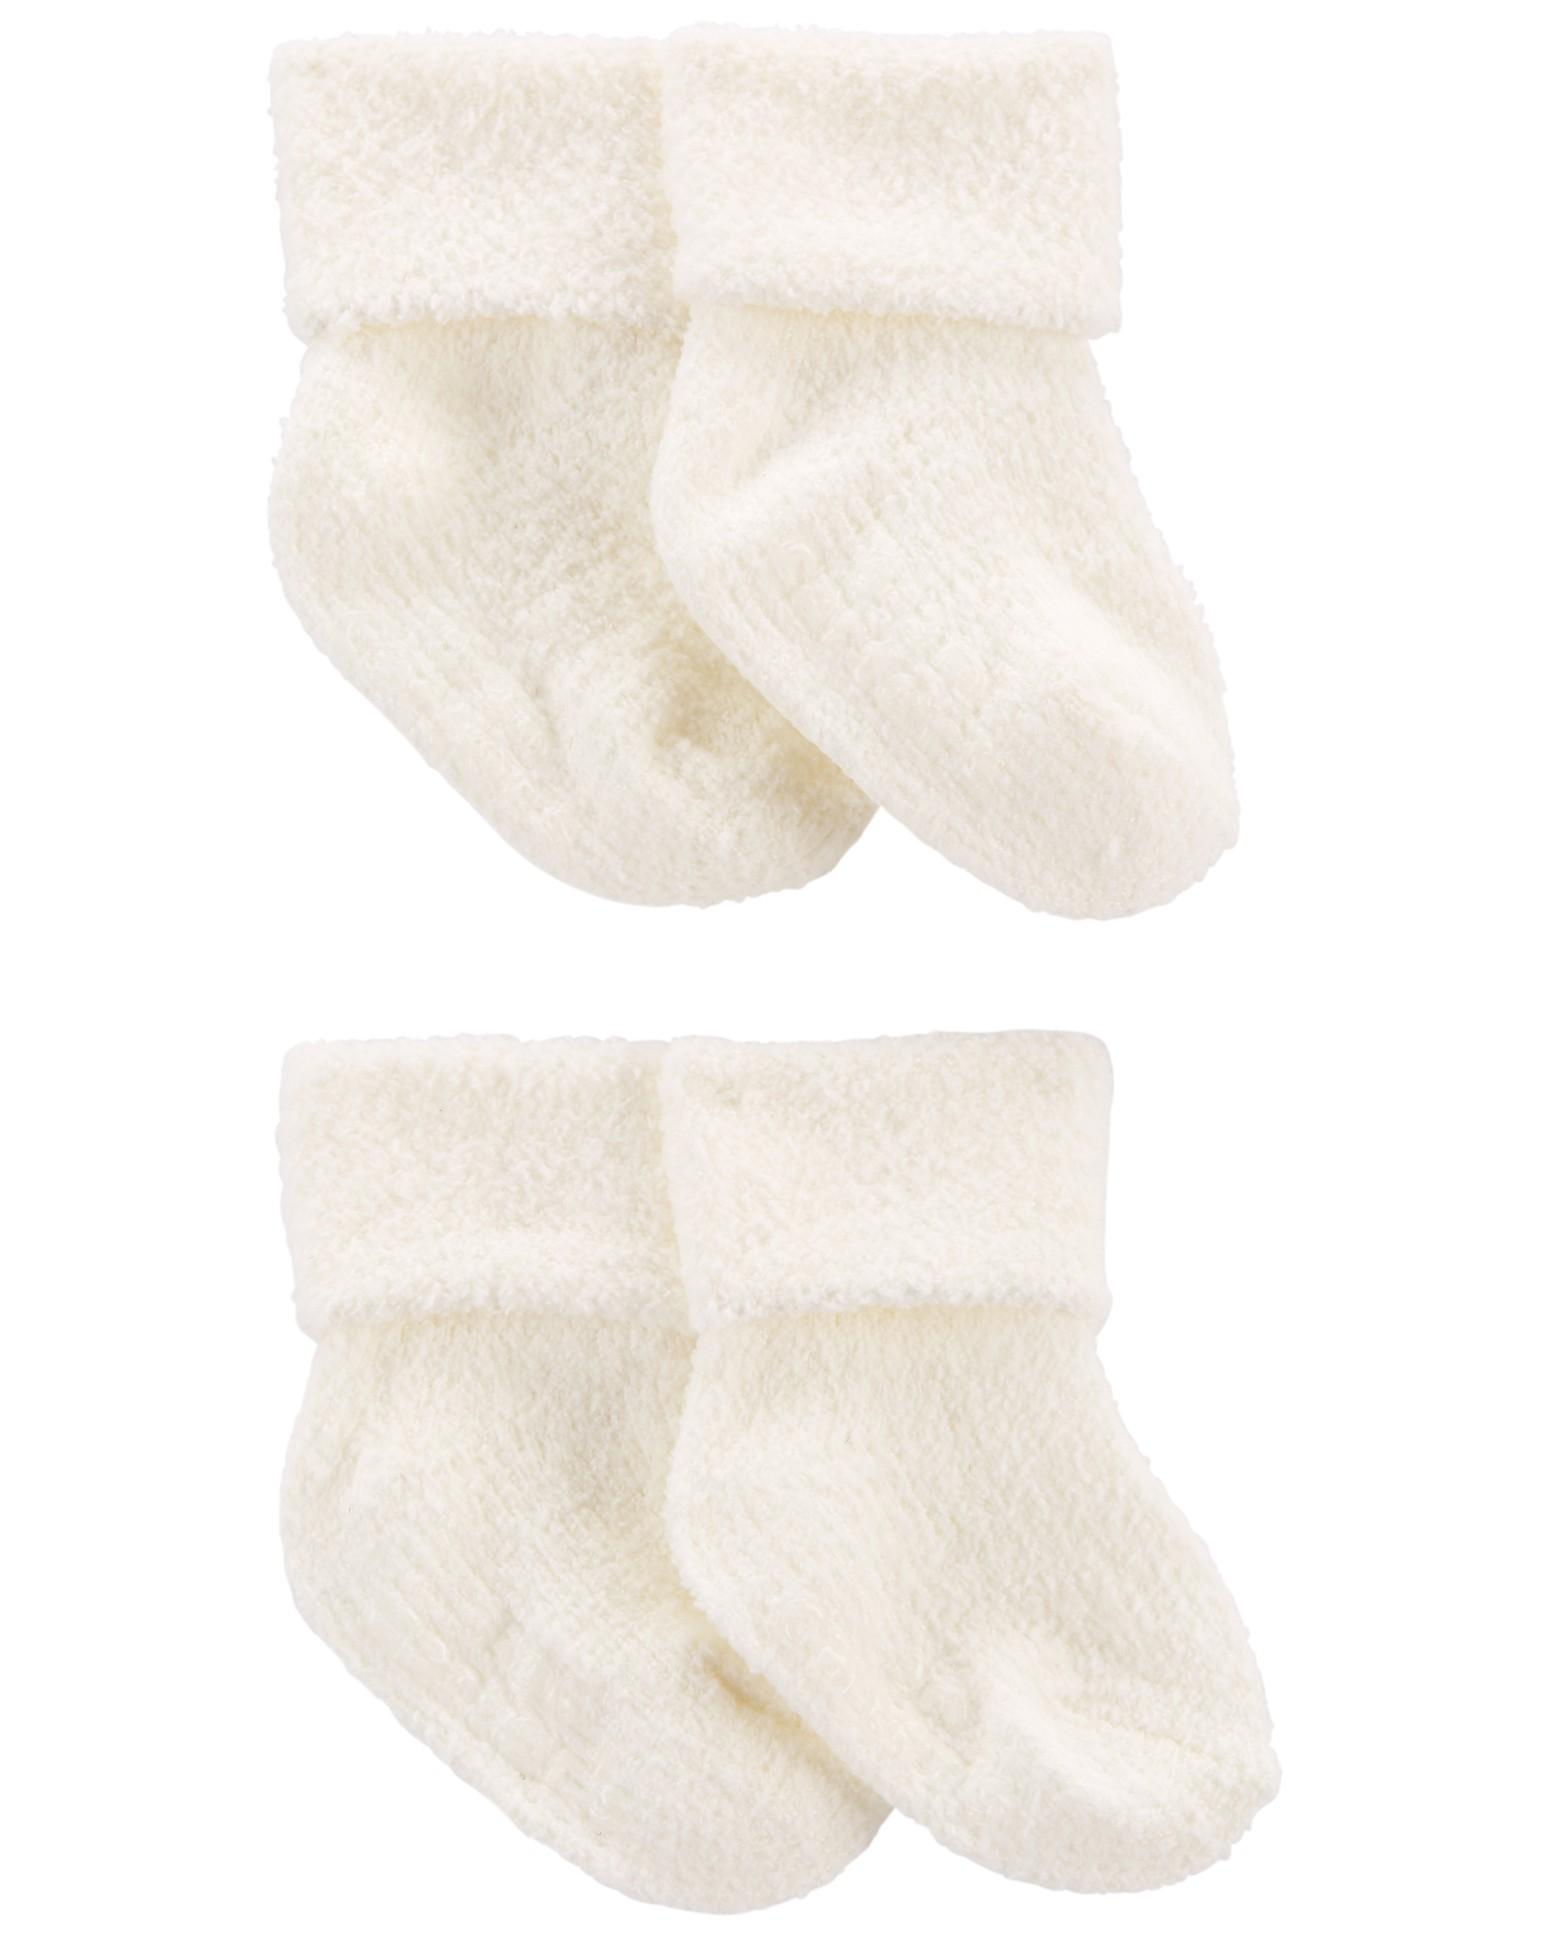 CARTER'S Ponožky White neutrál LBB 4ks 3-12m